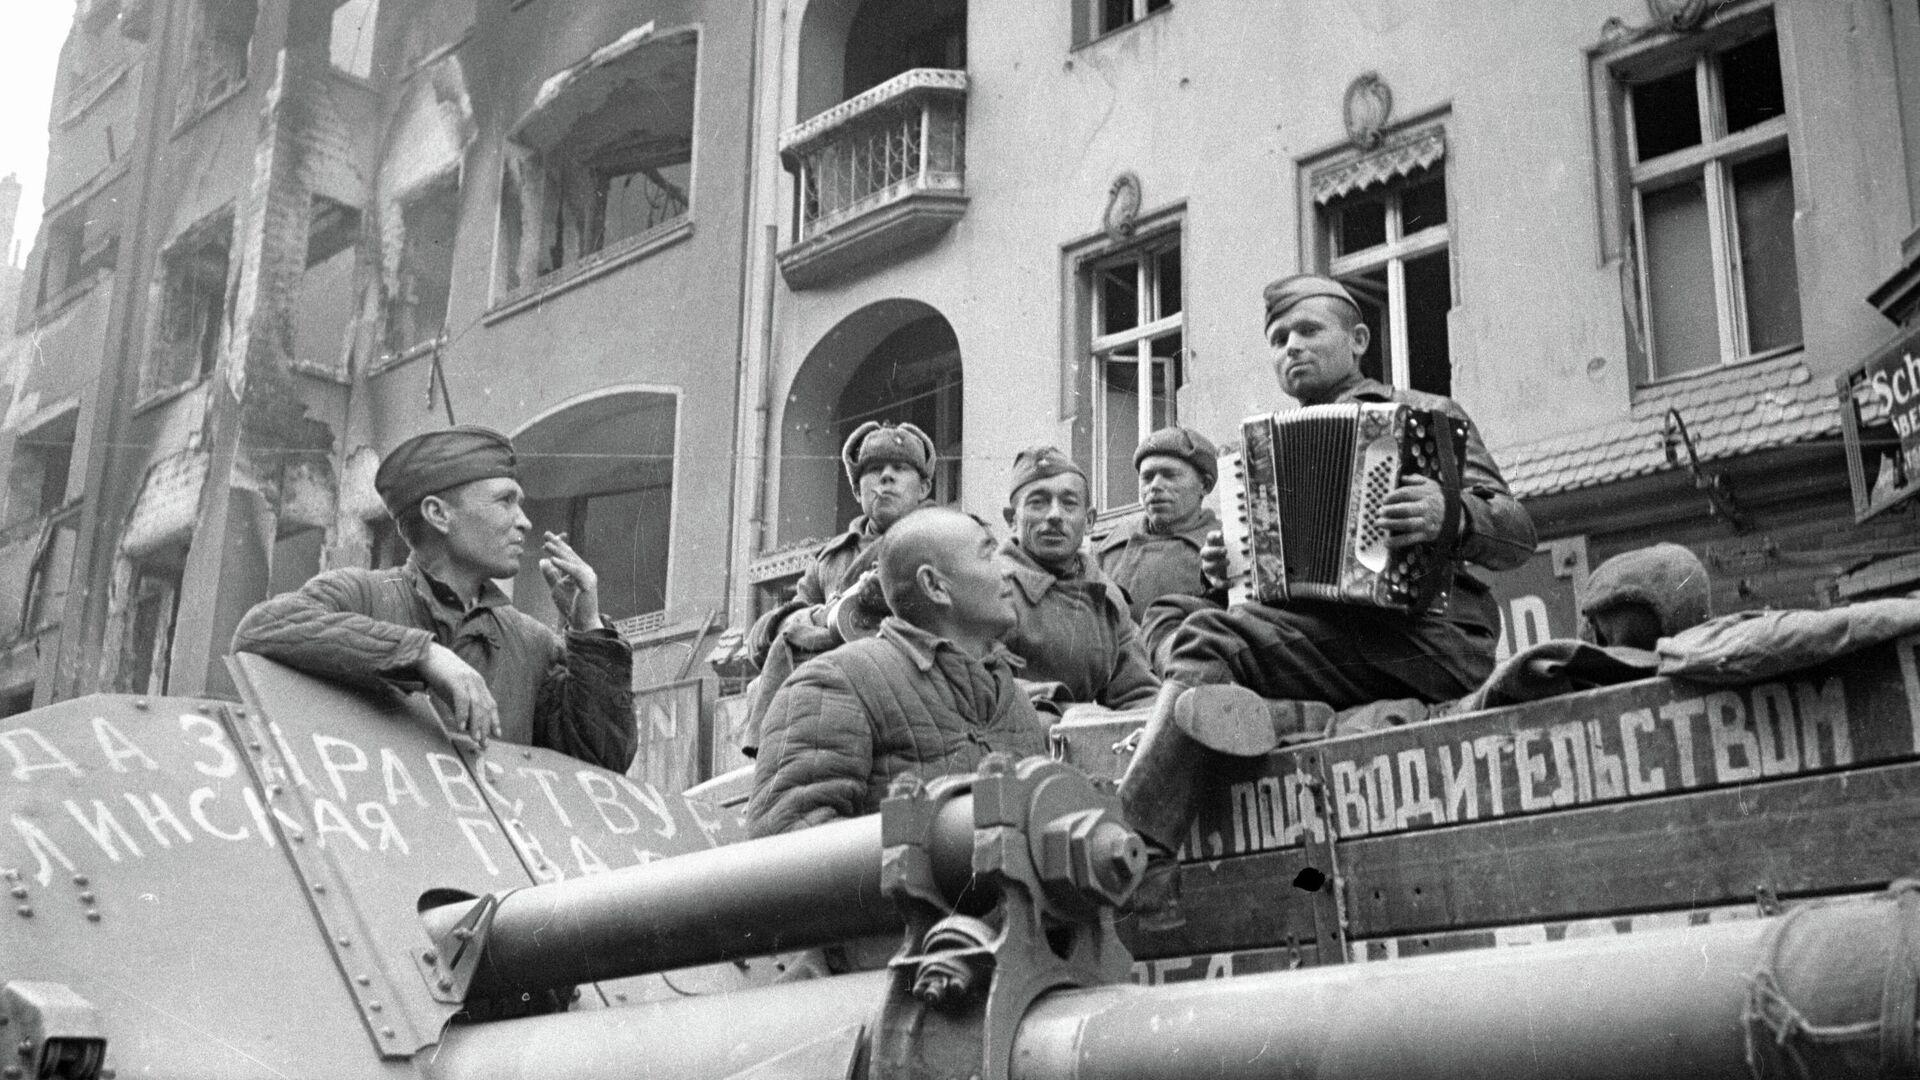 Советские солдаты в Берлине. 1945 год - РИА Новости, 1920, 30.04.2021